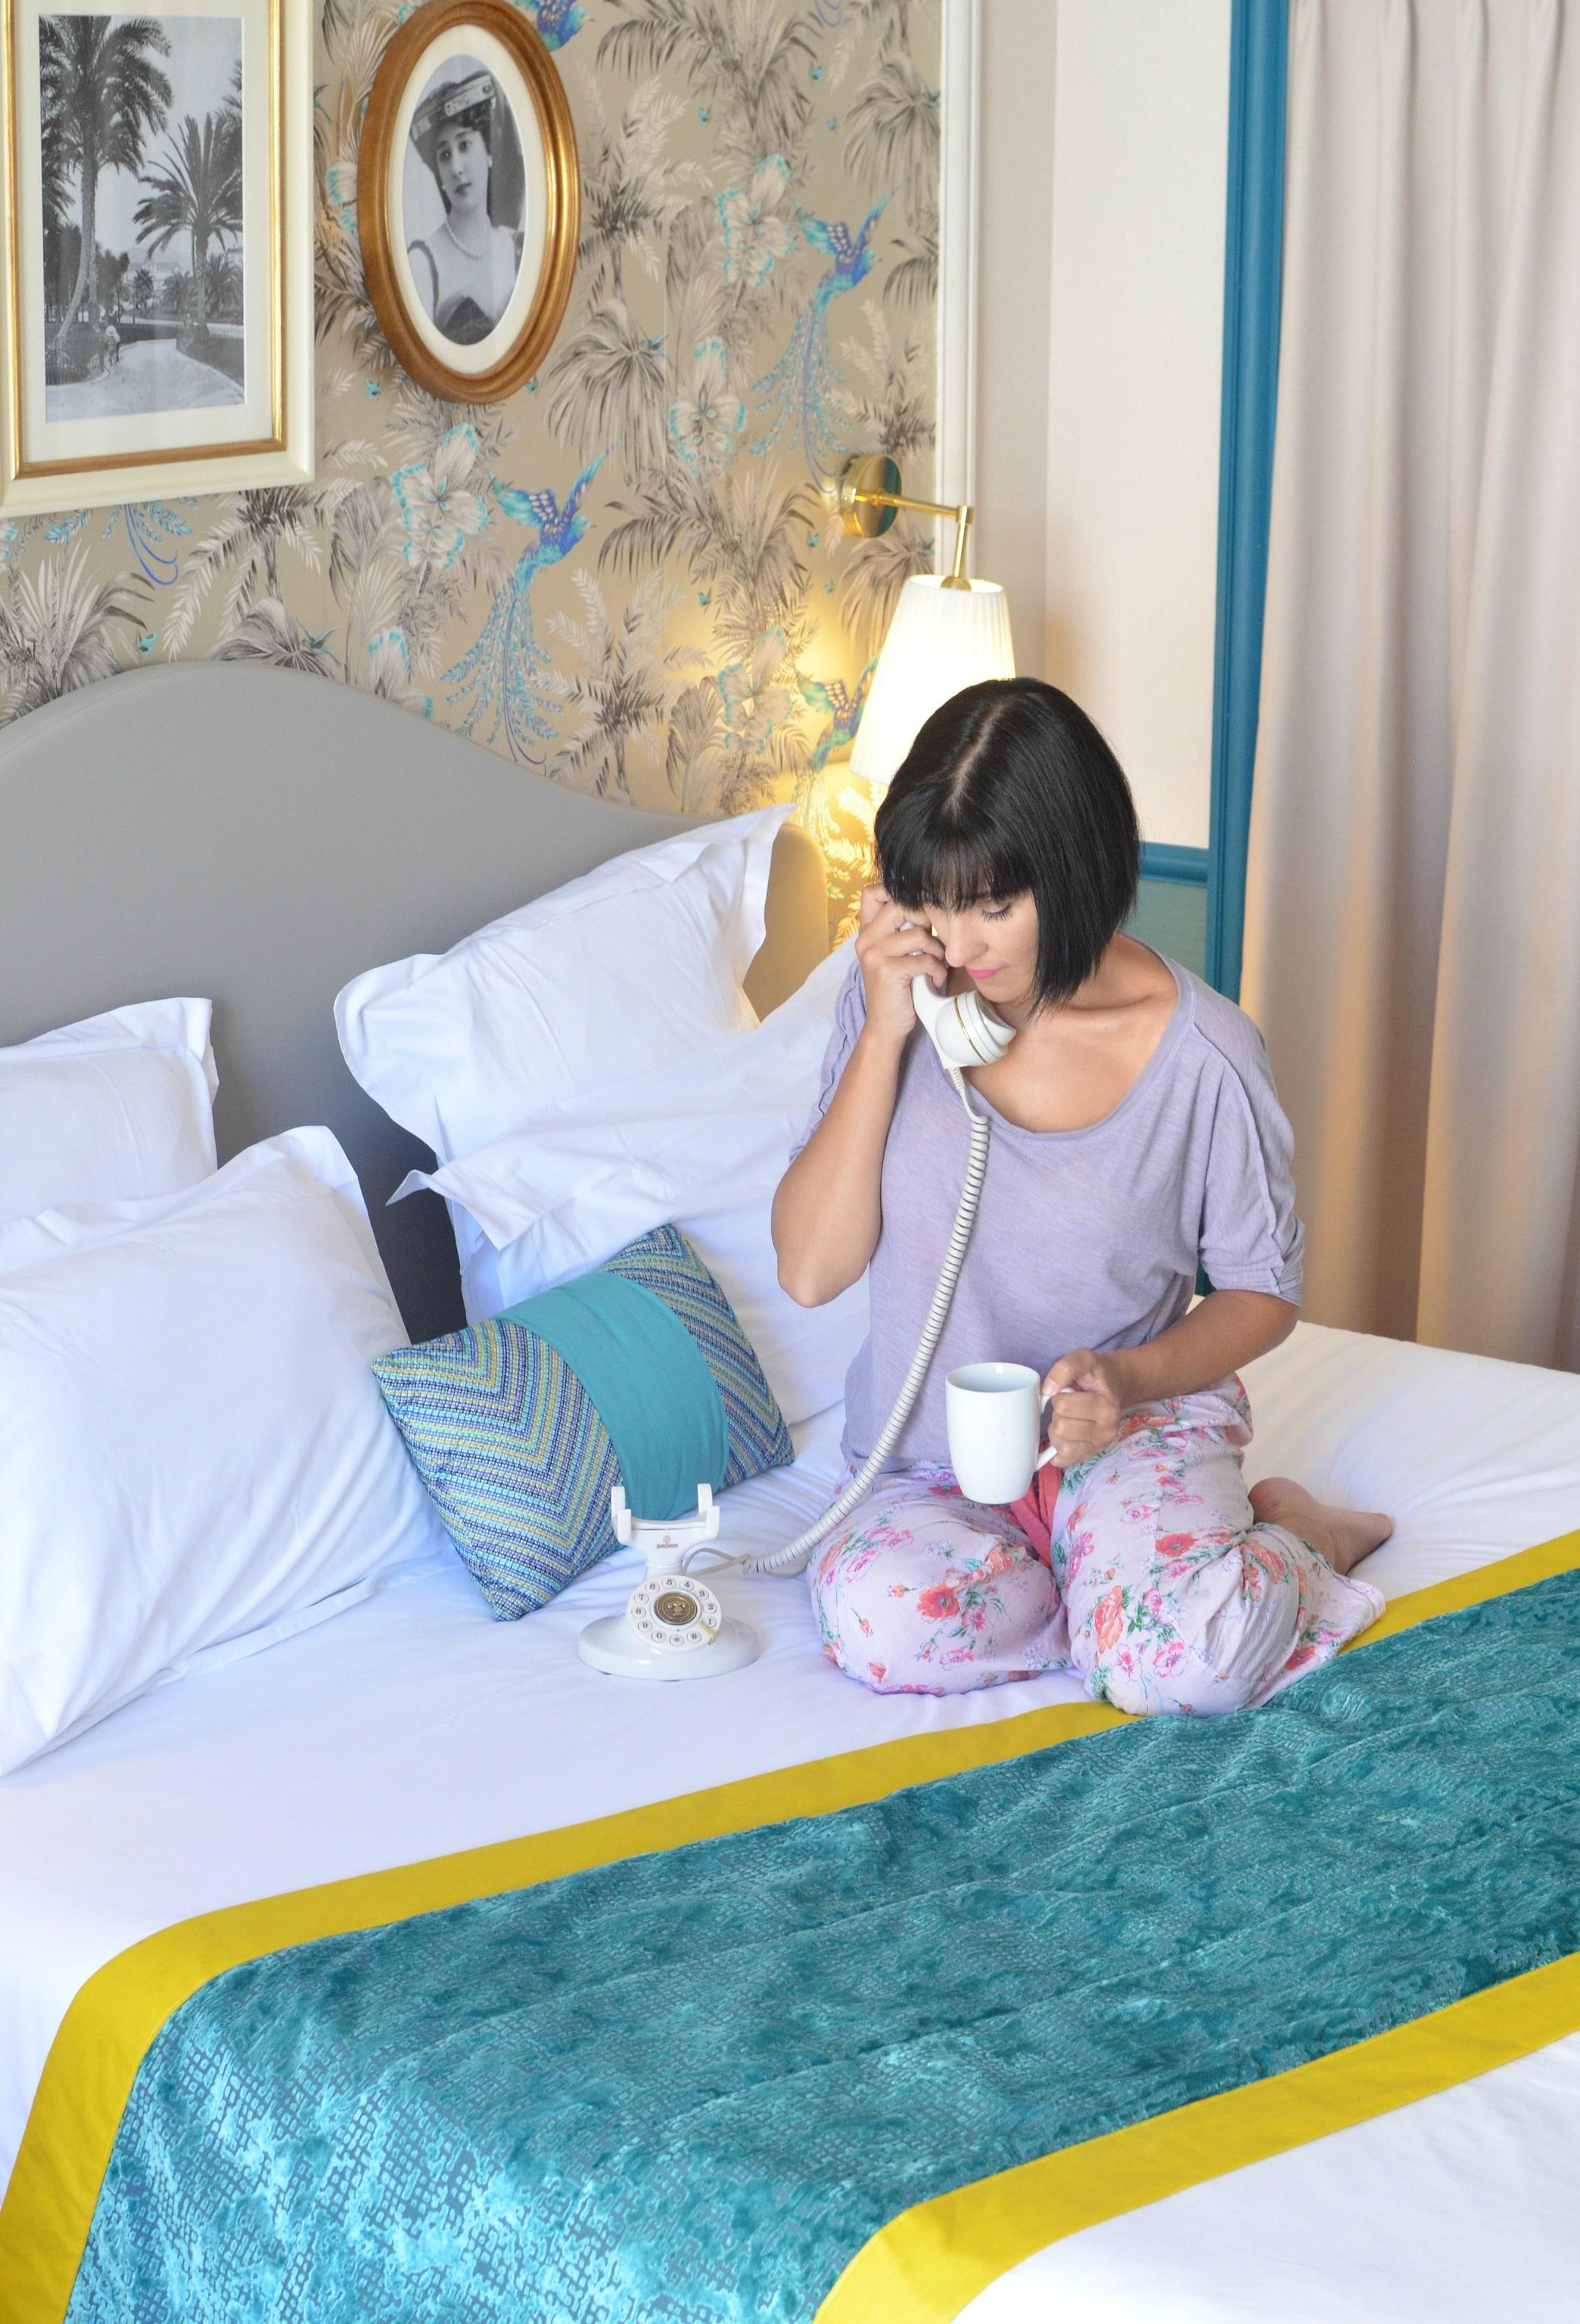 Hotel Otero in Nice